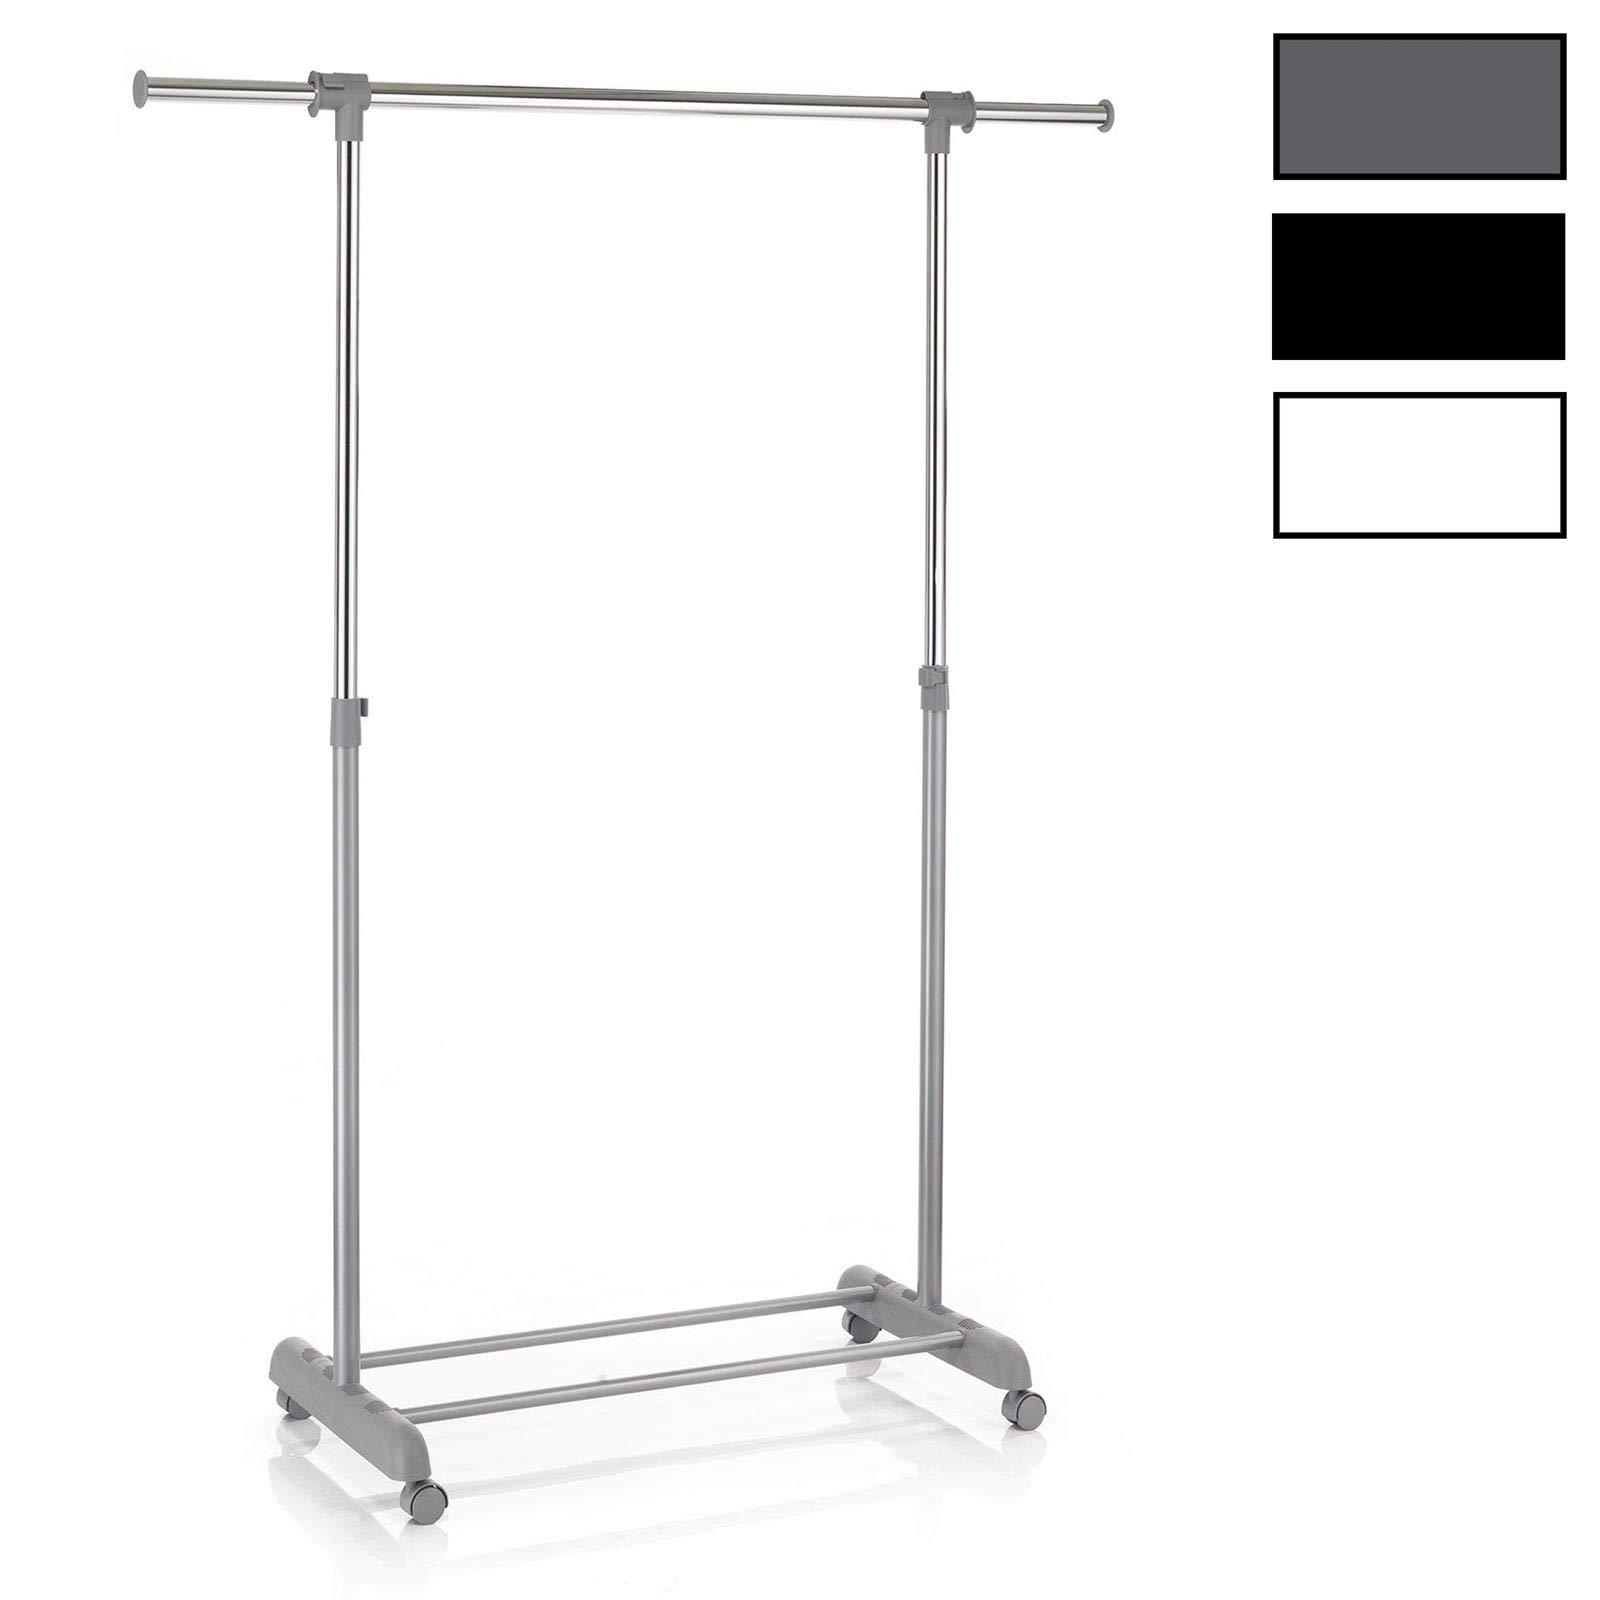 CARO-Möbel Rollgarderobe SALA Garderobenwagen Kleiderständer Garderobenständer Kleiderwagen grau höhenverstellbar und ausziehbar 1